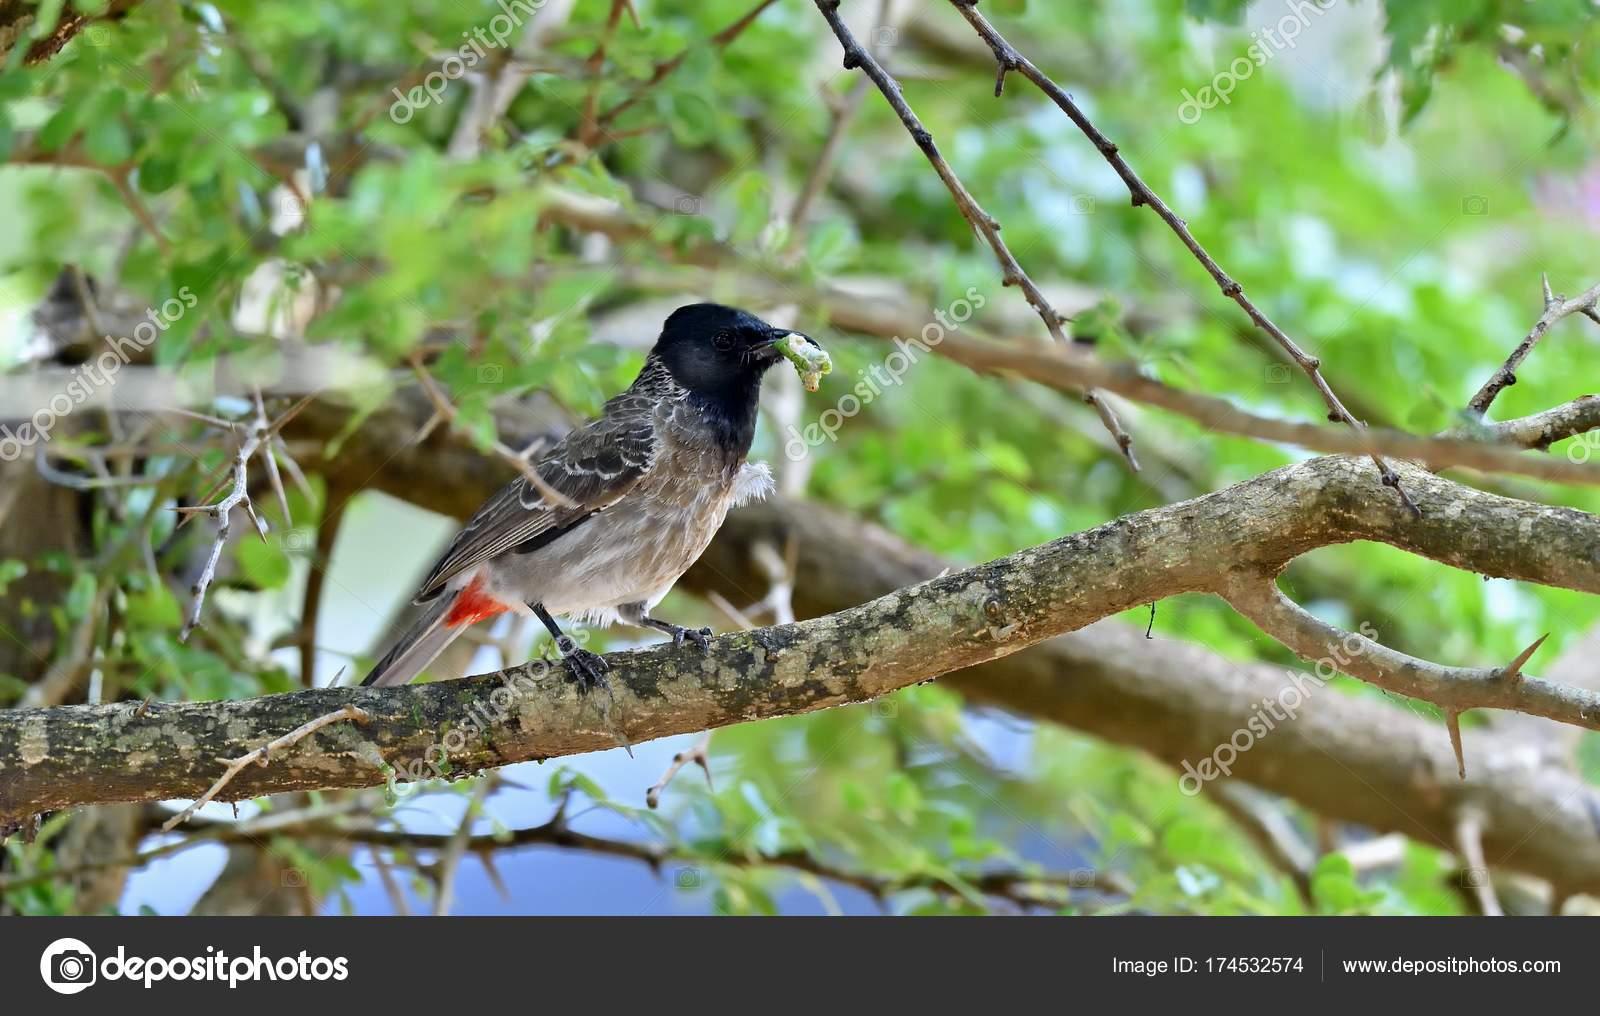 シリアカヒヨドリ Pycnonotus Ca...